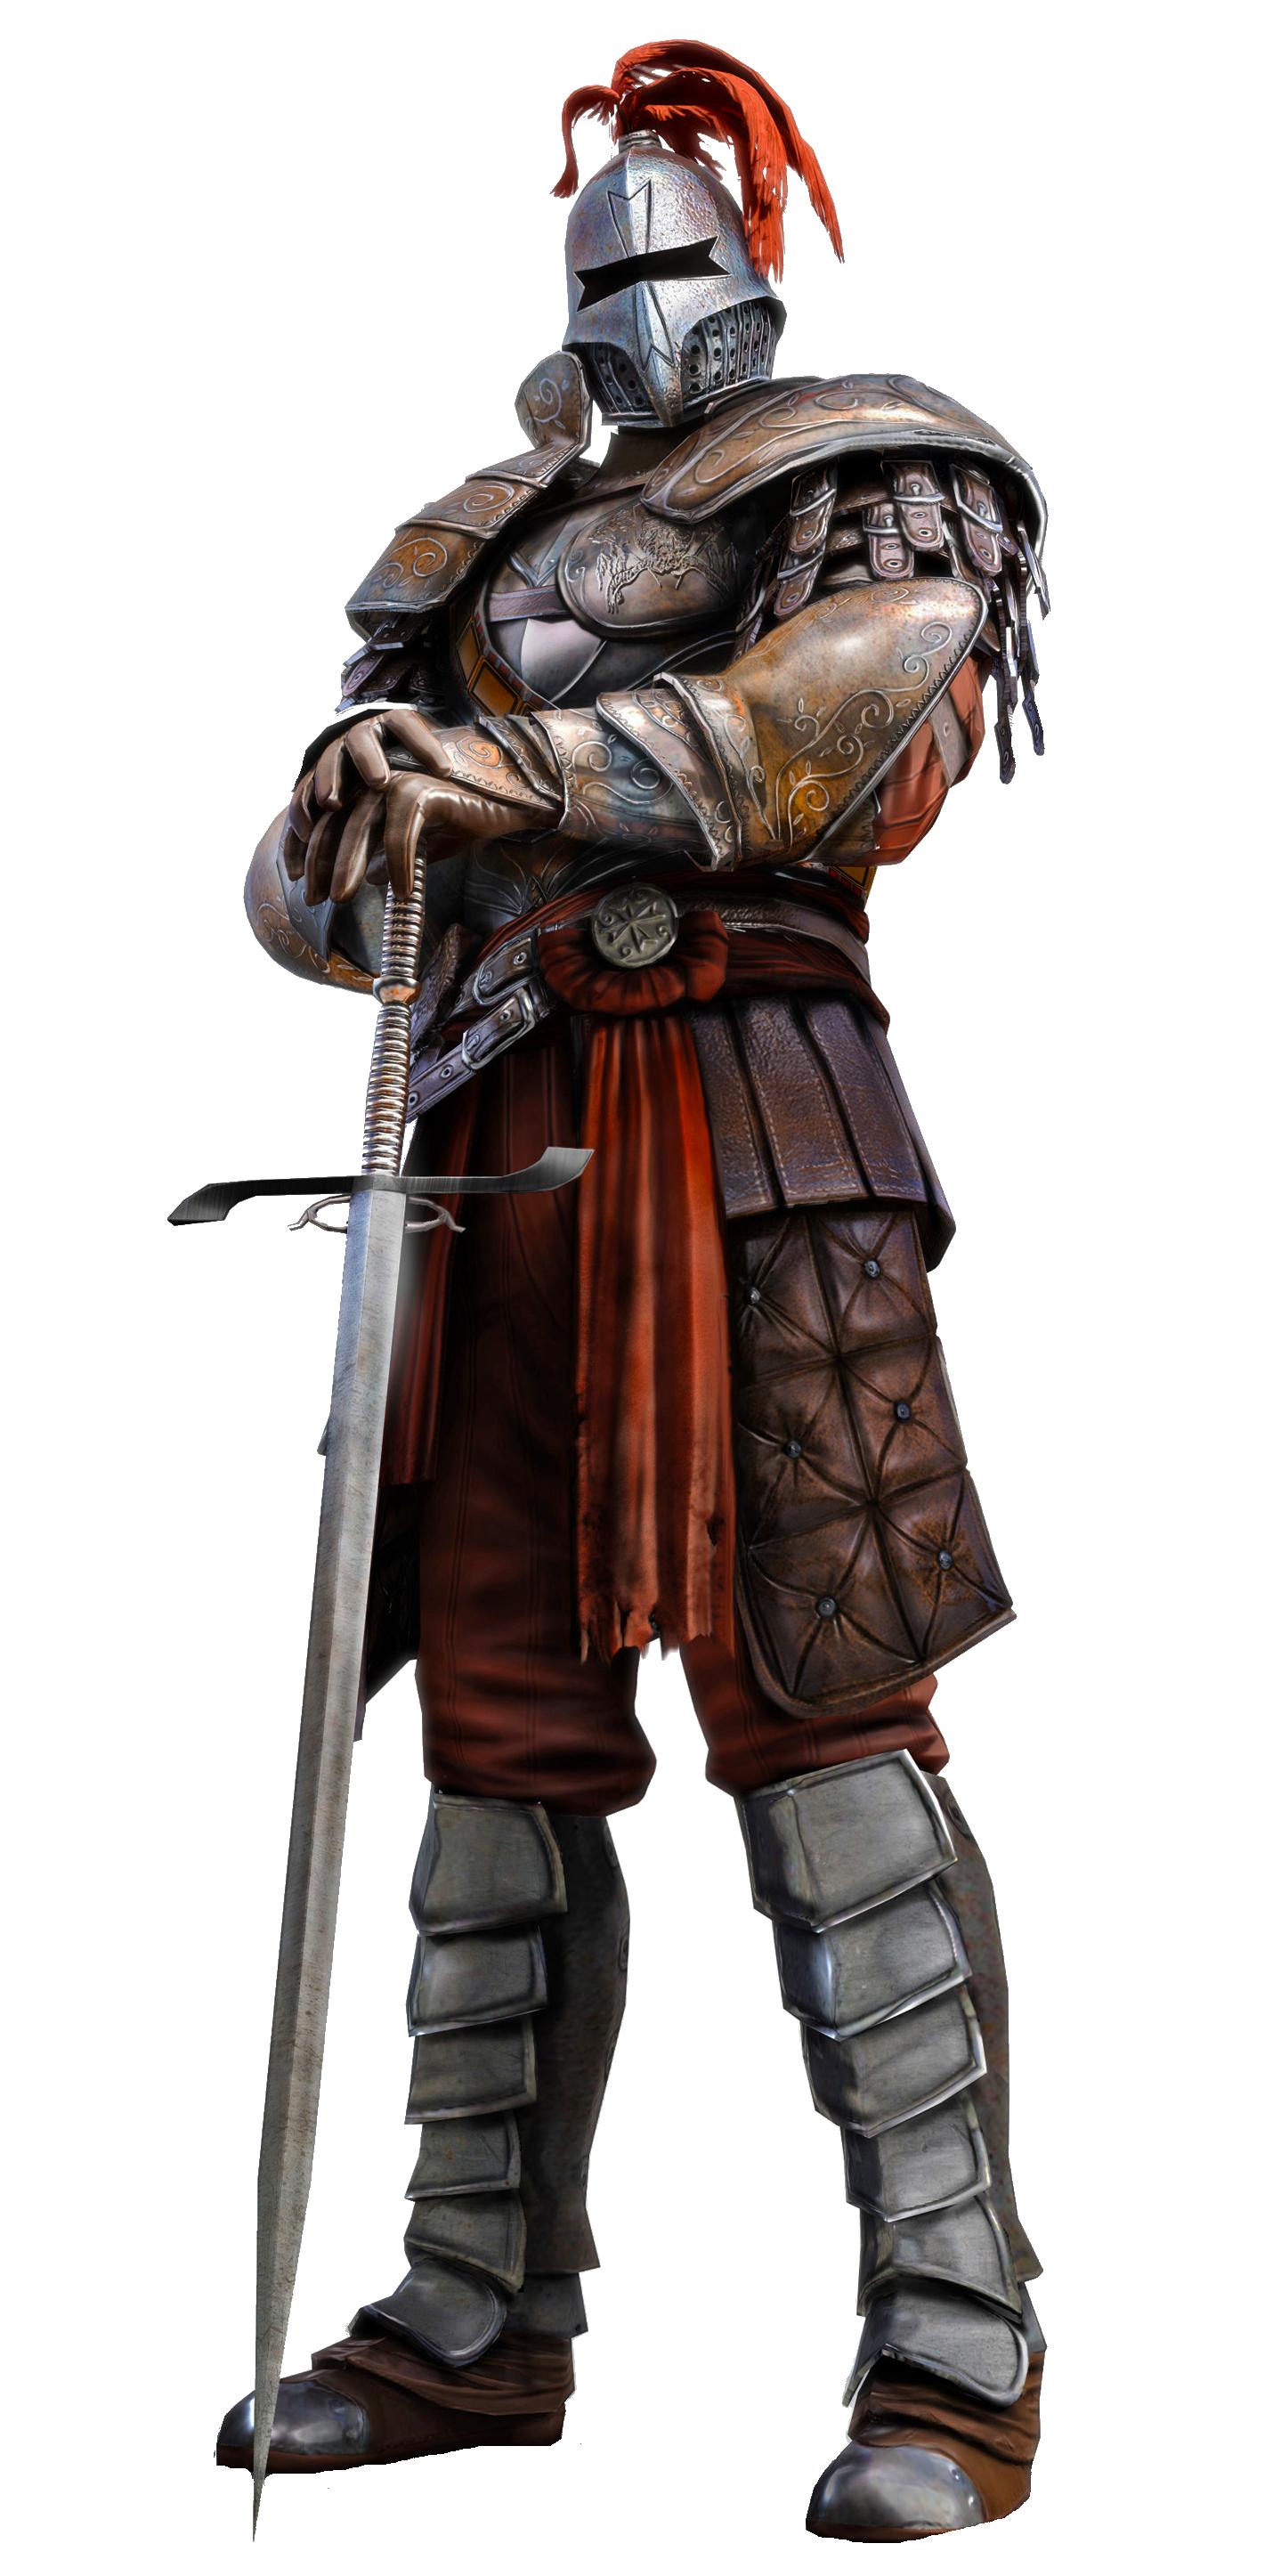 Dvd Knight Png 1430 2893 Knight Fantasy Armor Knight Armor